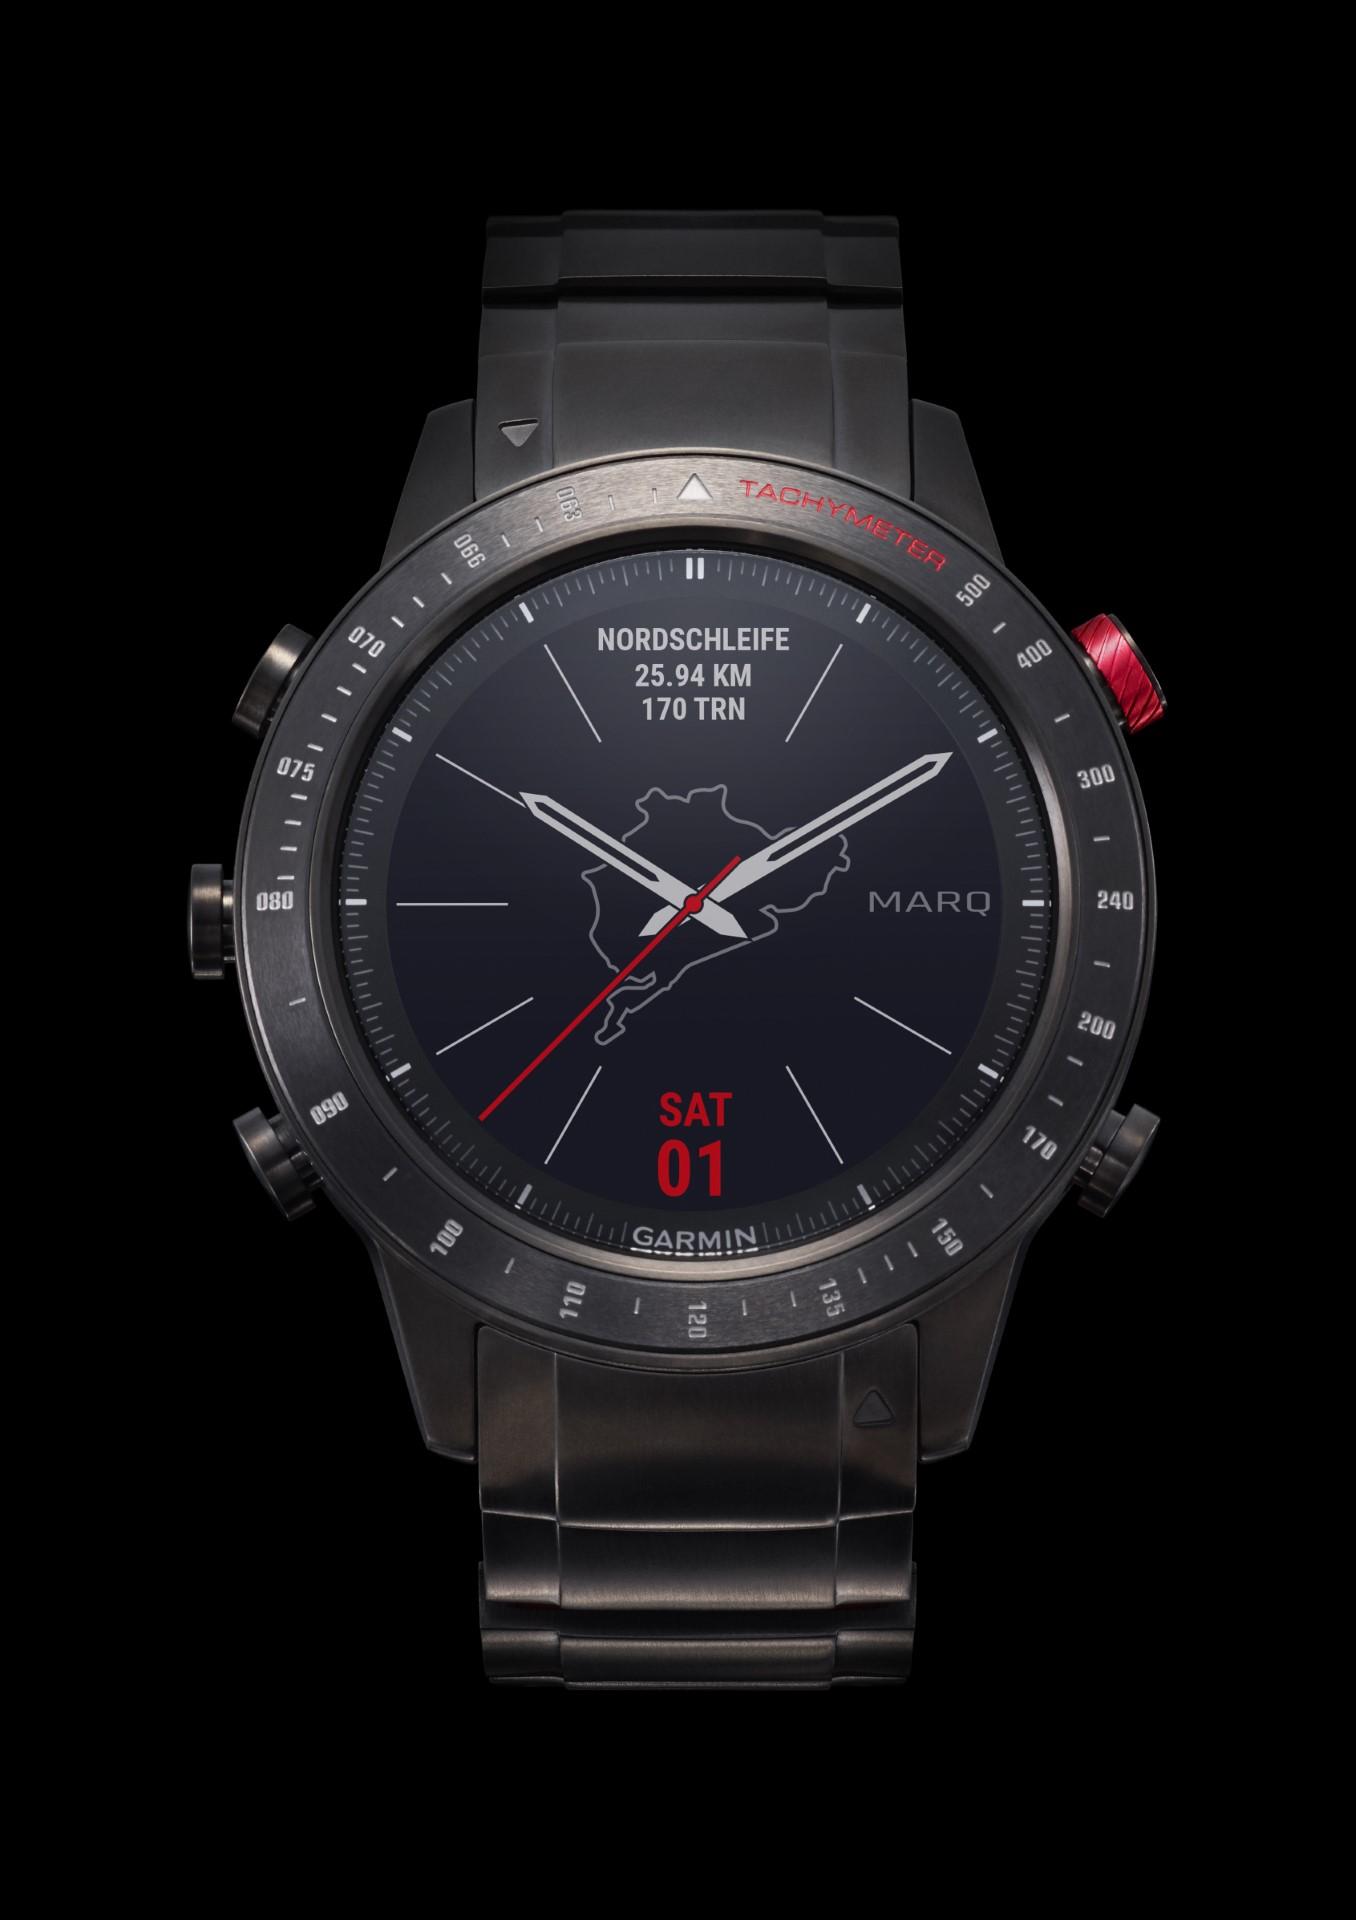 Garmin MARQ Driver - Smartwatch GPS multisport - Gioielleria Casavola Noci - foto prodotto